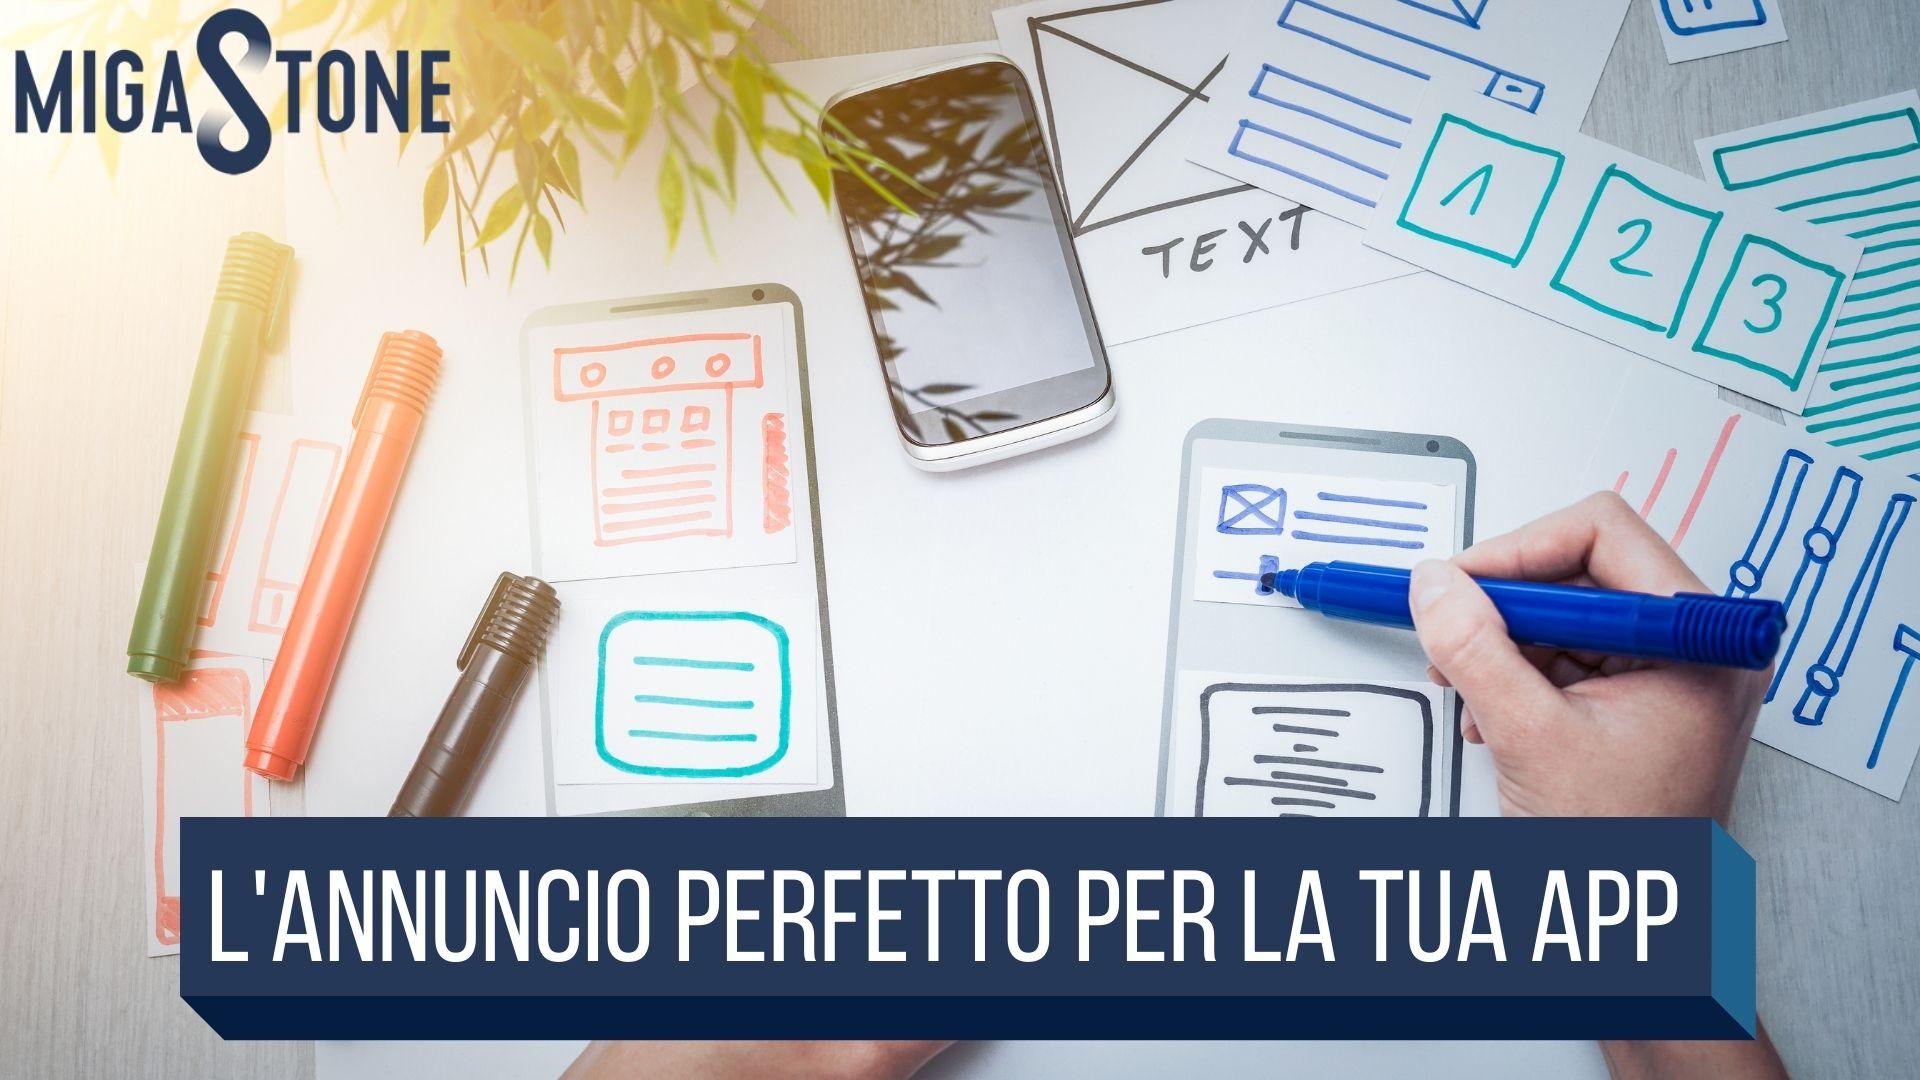 , App Store Optimization: come scrivere l'annuncio perfetto per la tua APP, Migastone Blog